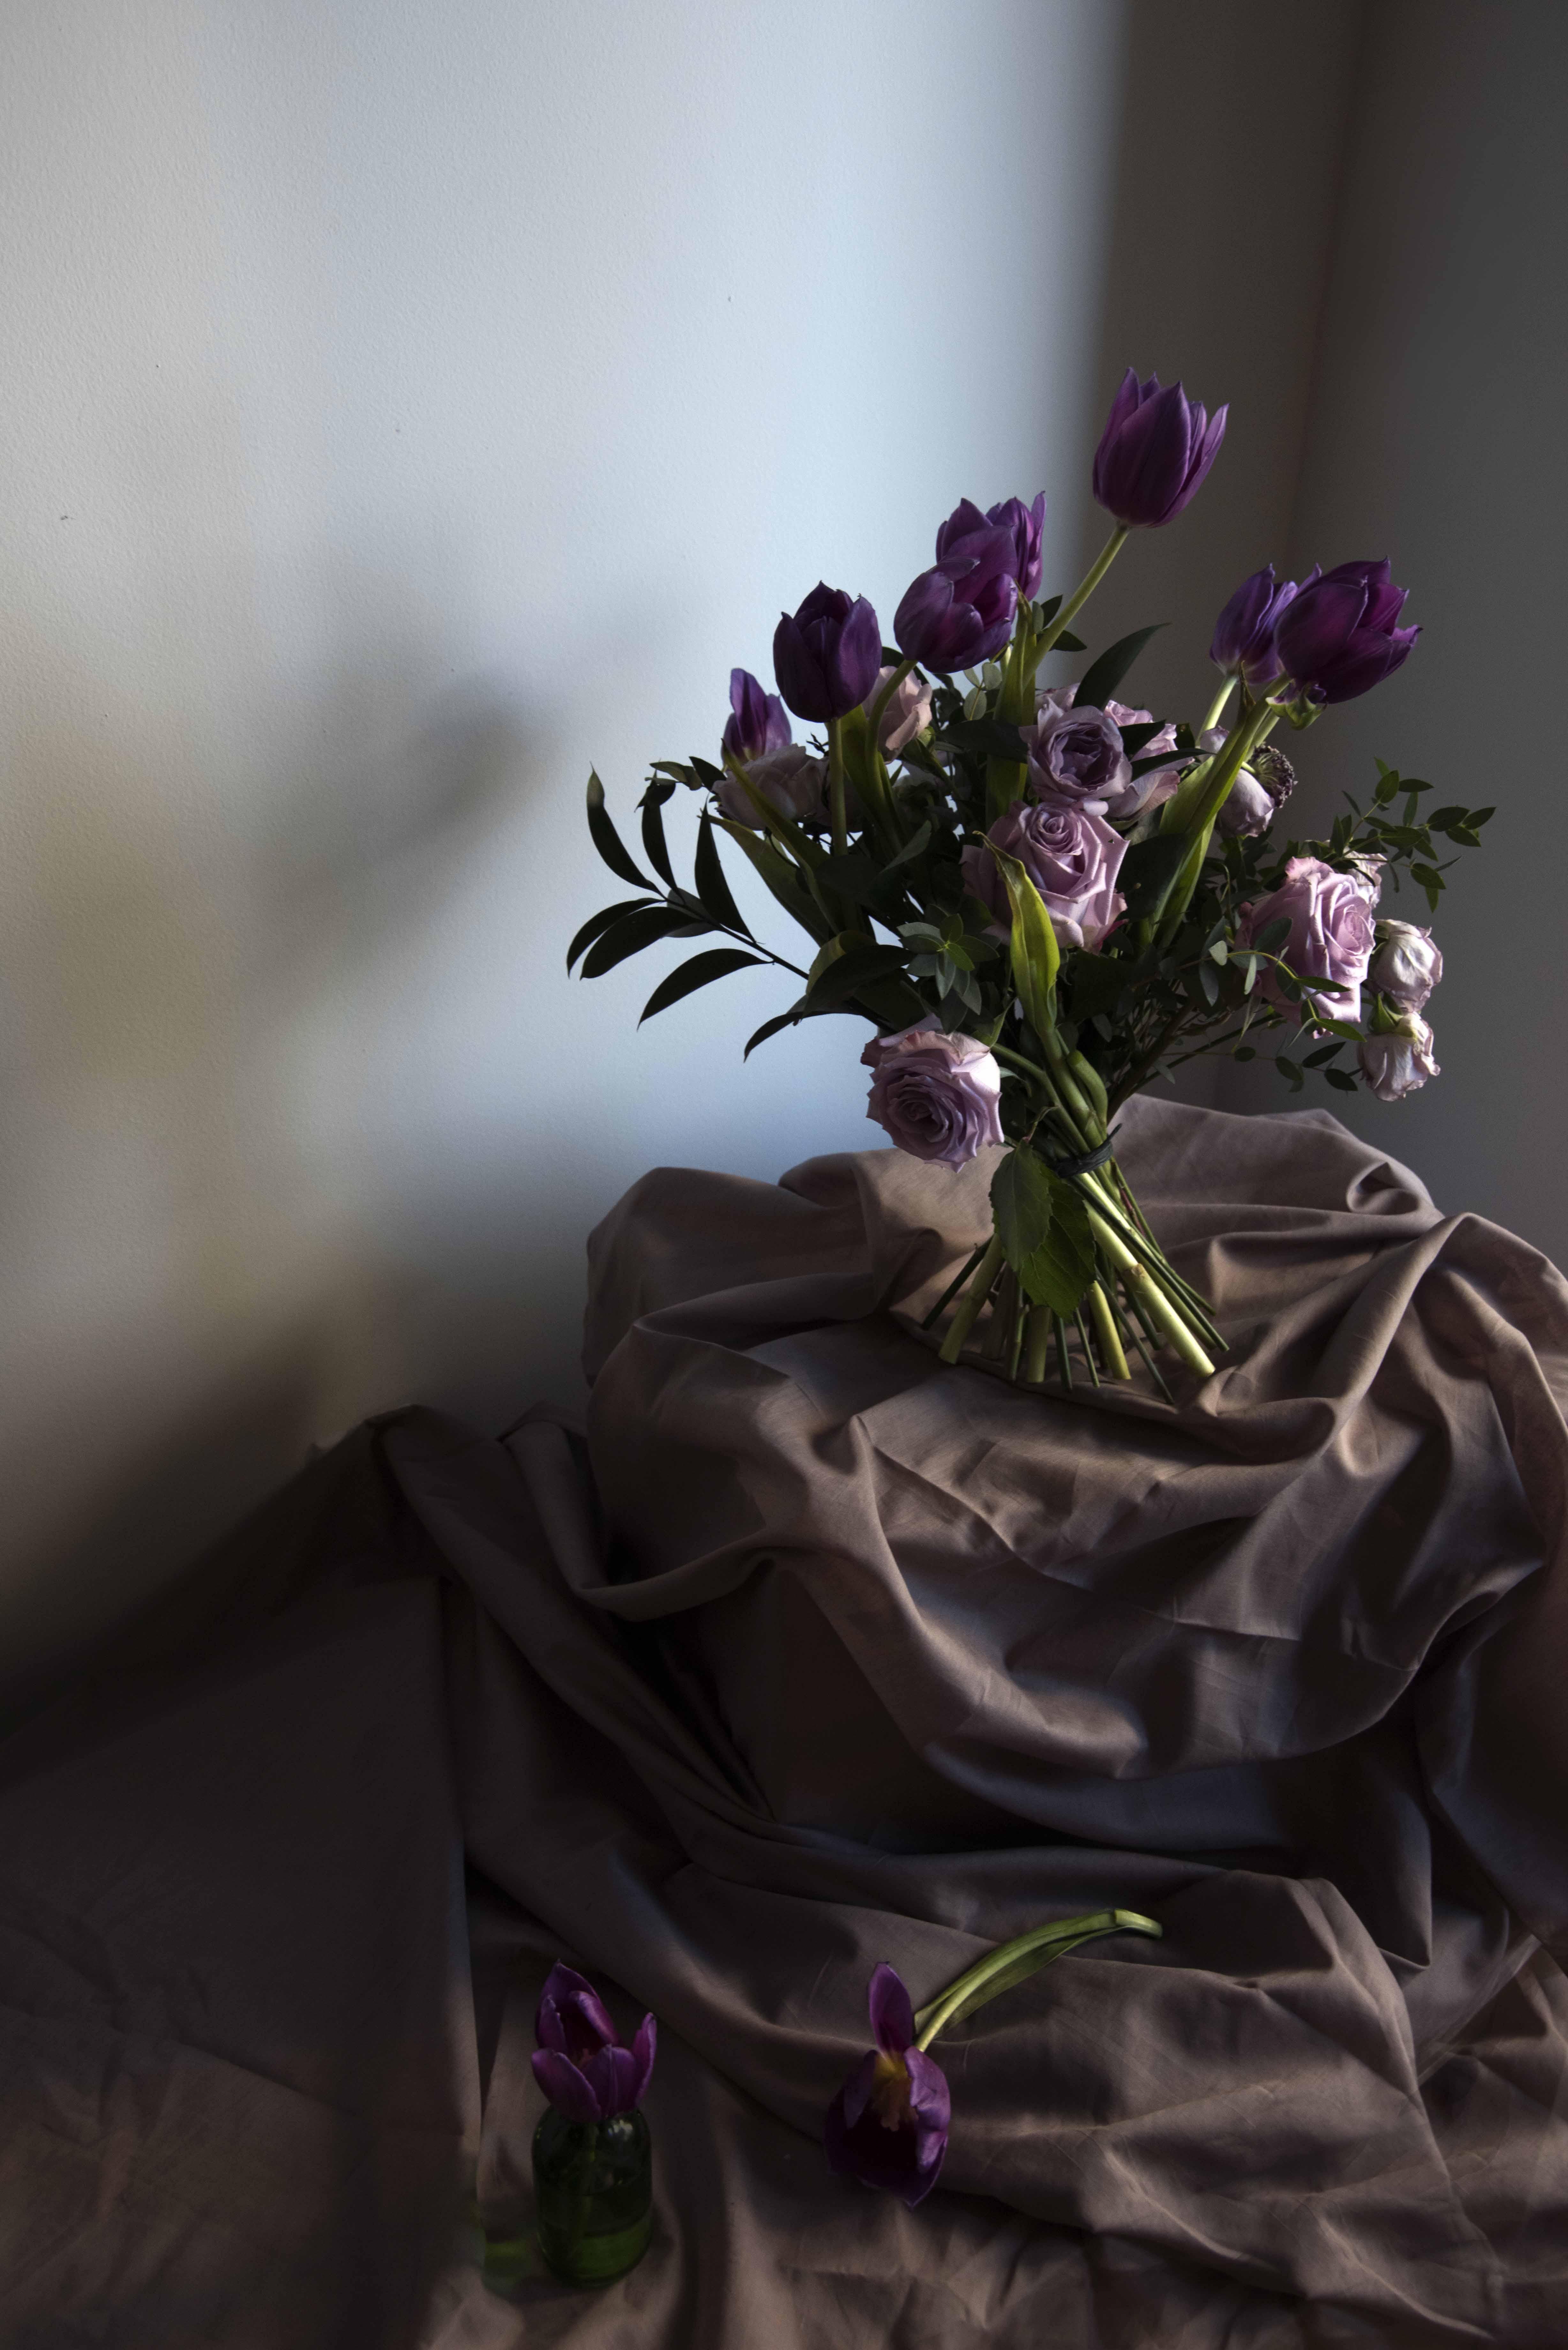 Floral arrangement by Ooldouz Alaei